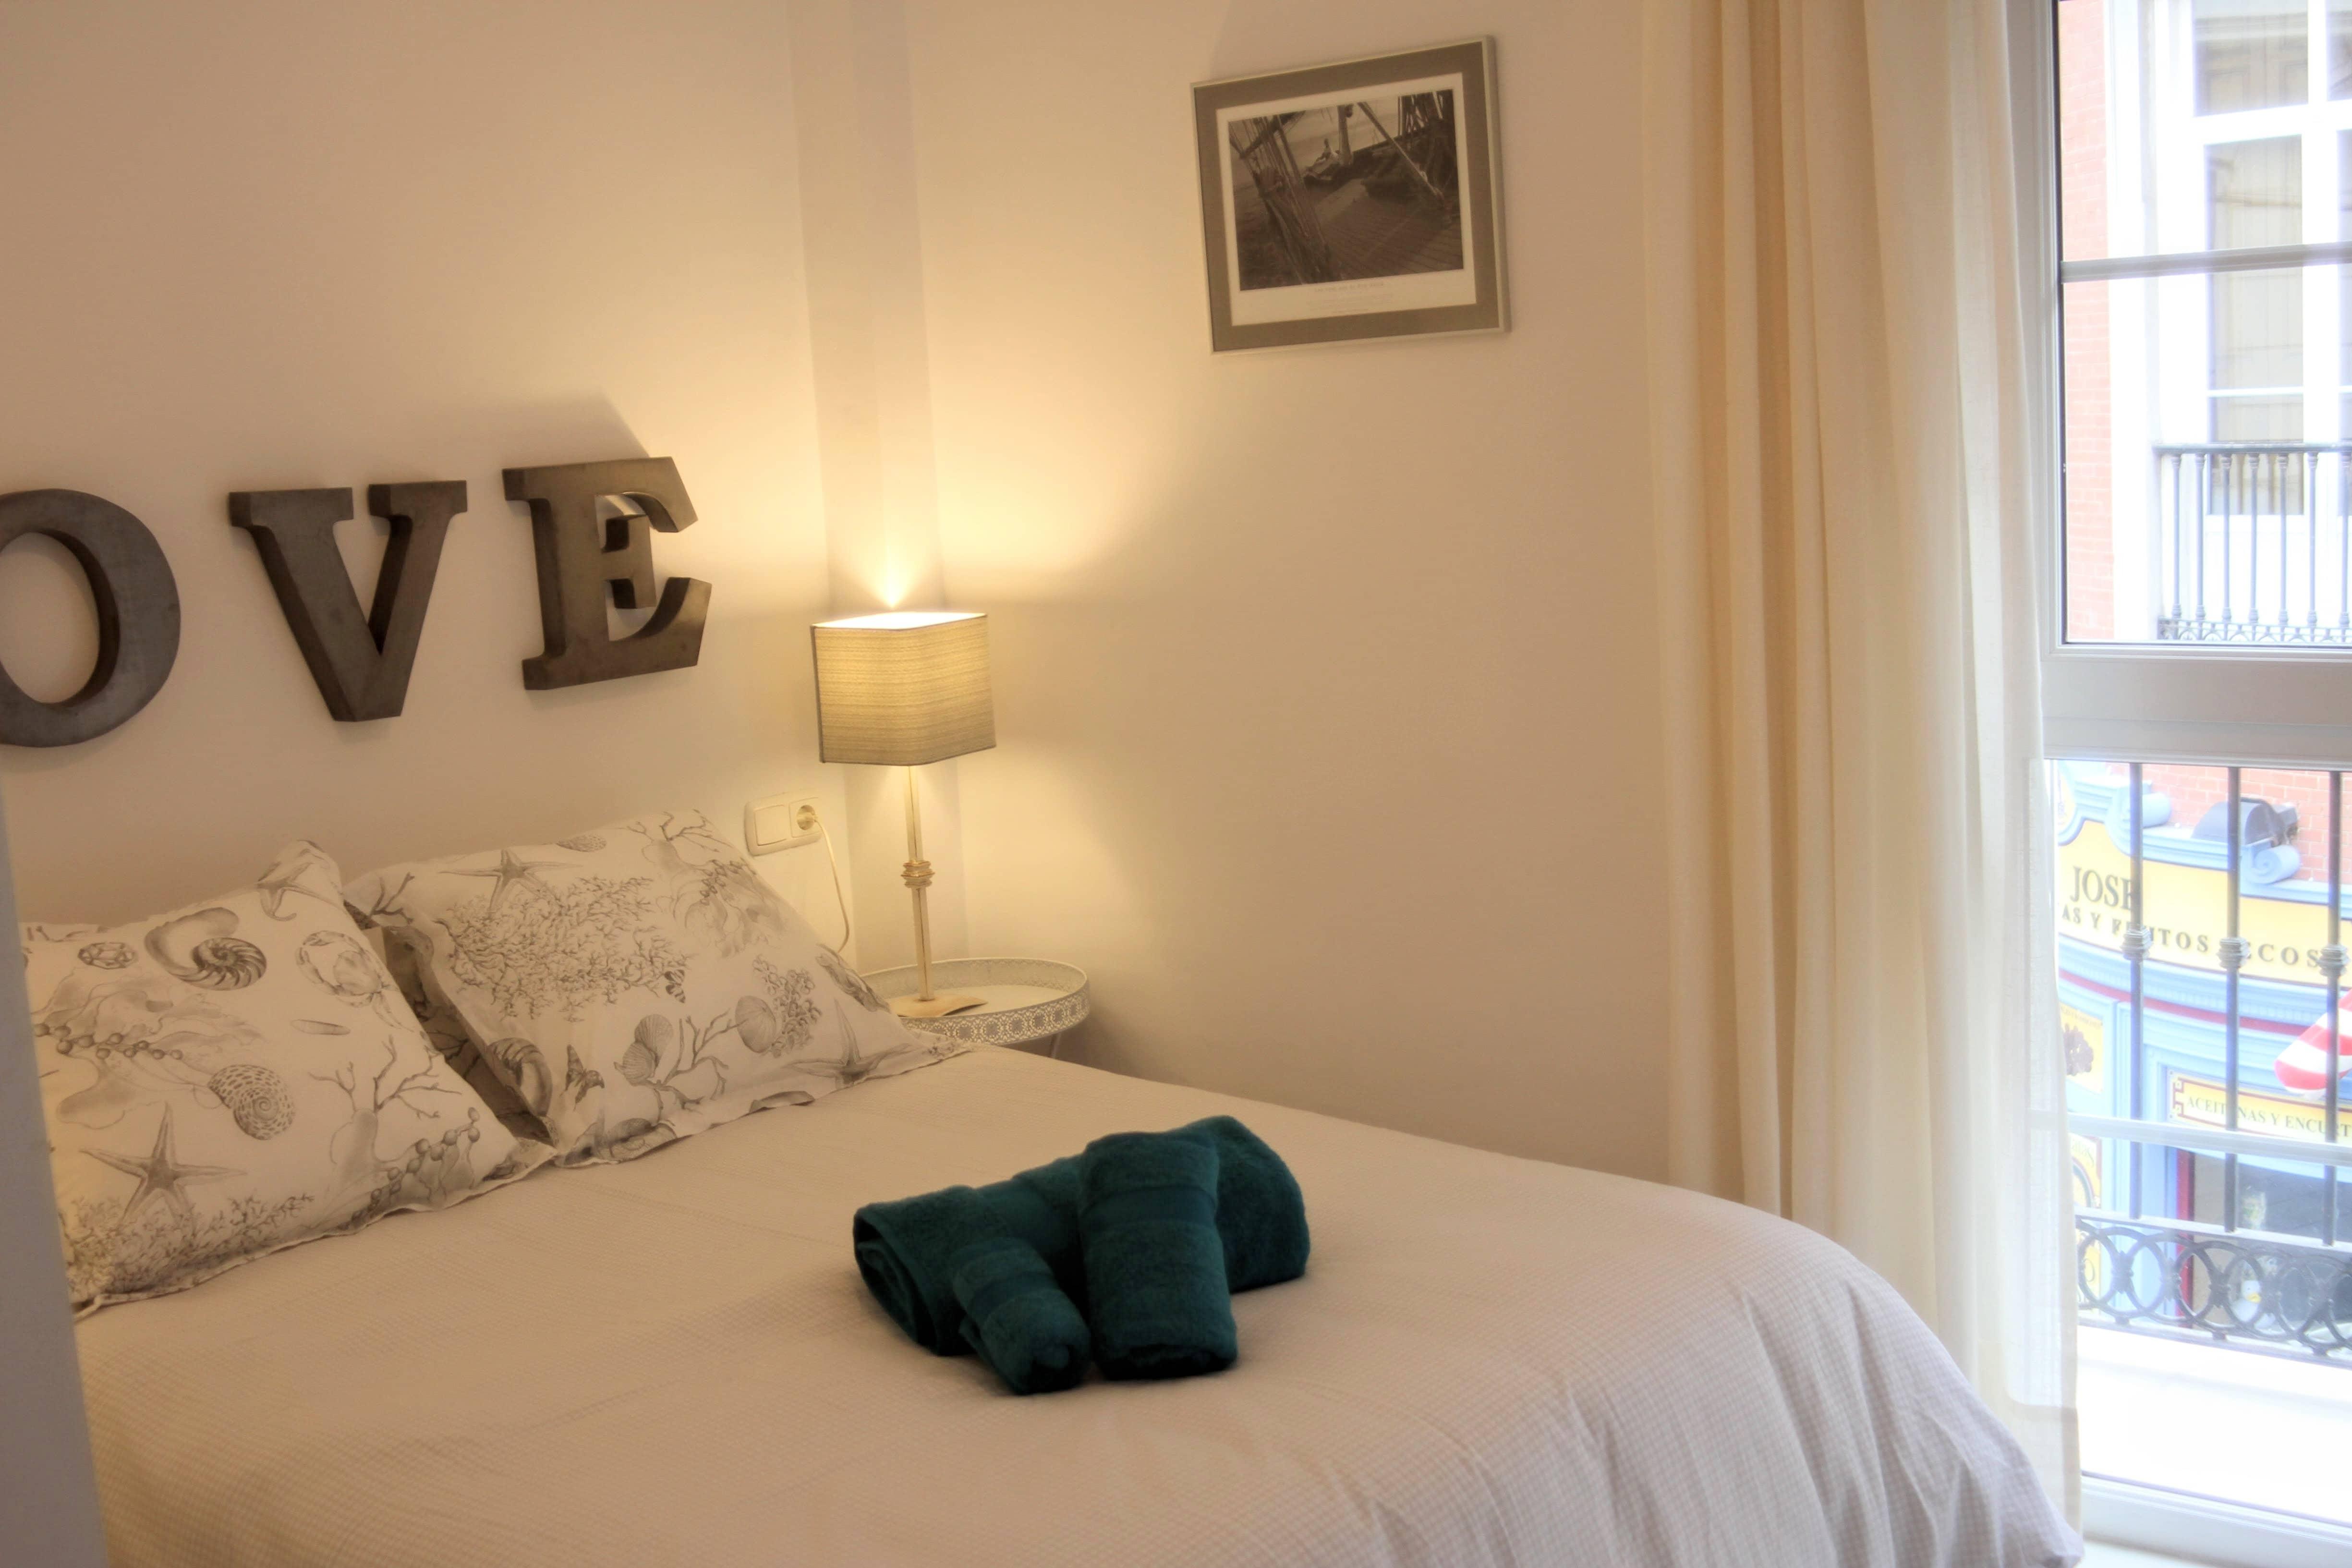 apartamento-centro-historico-atarazana5860